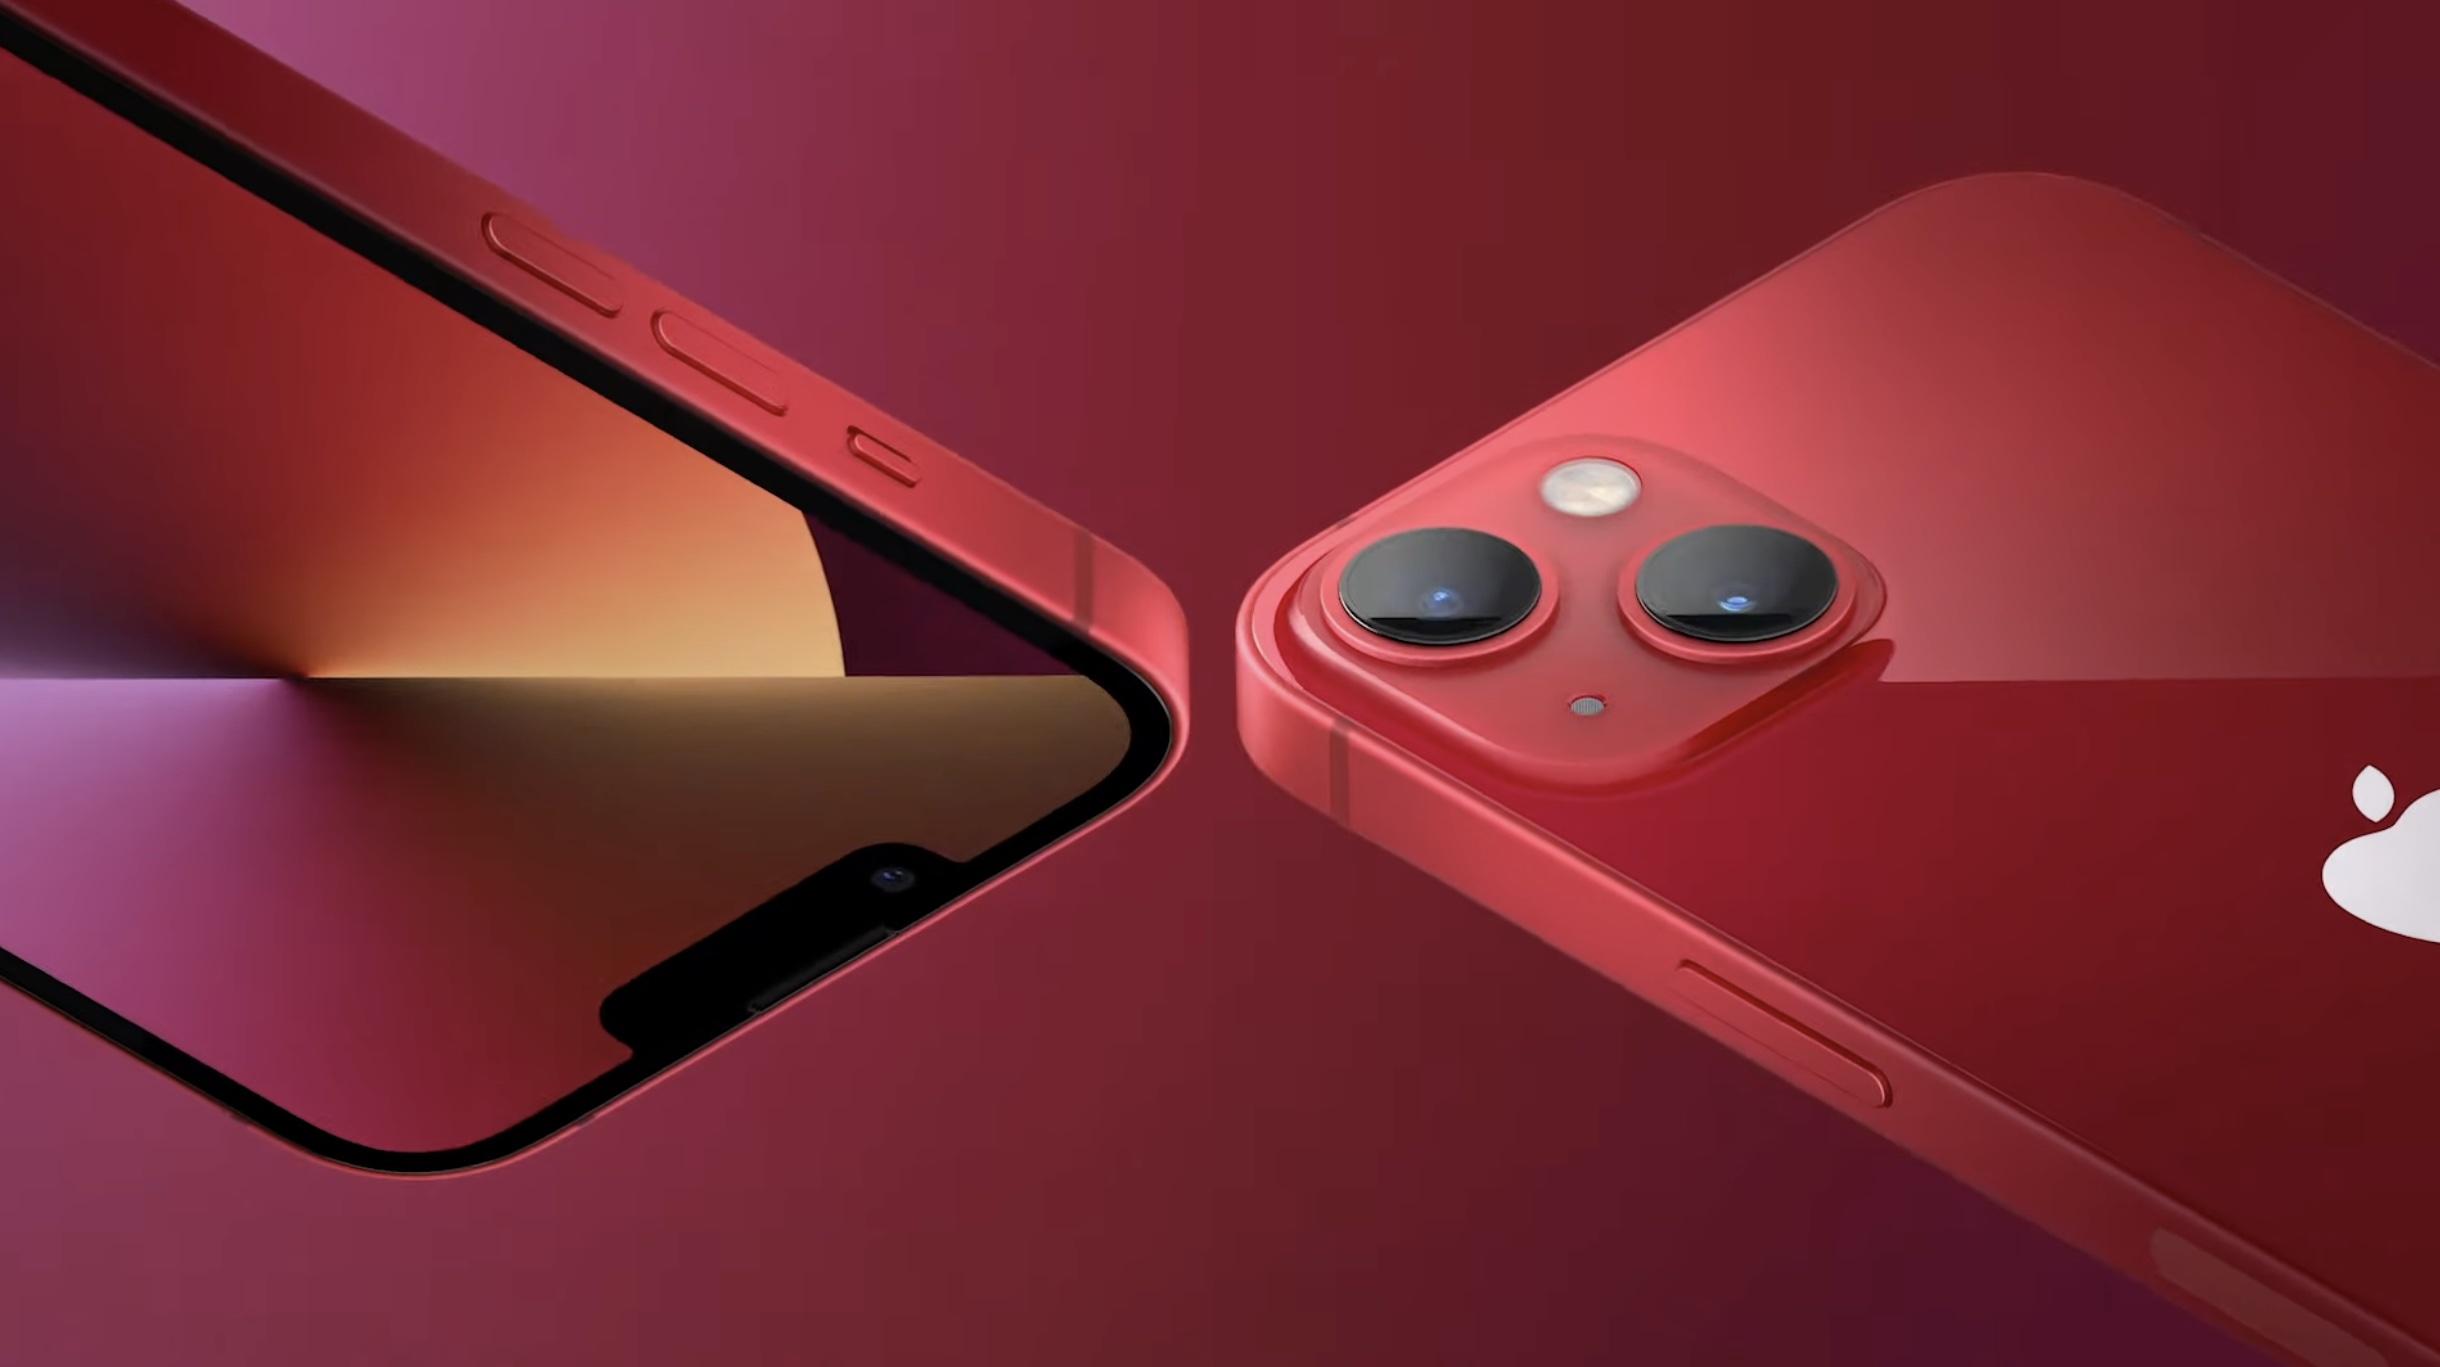 iPhone 13 : pourquoi les deux caméras sont-elles en diagonale ?